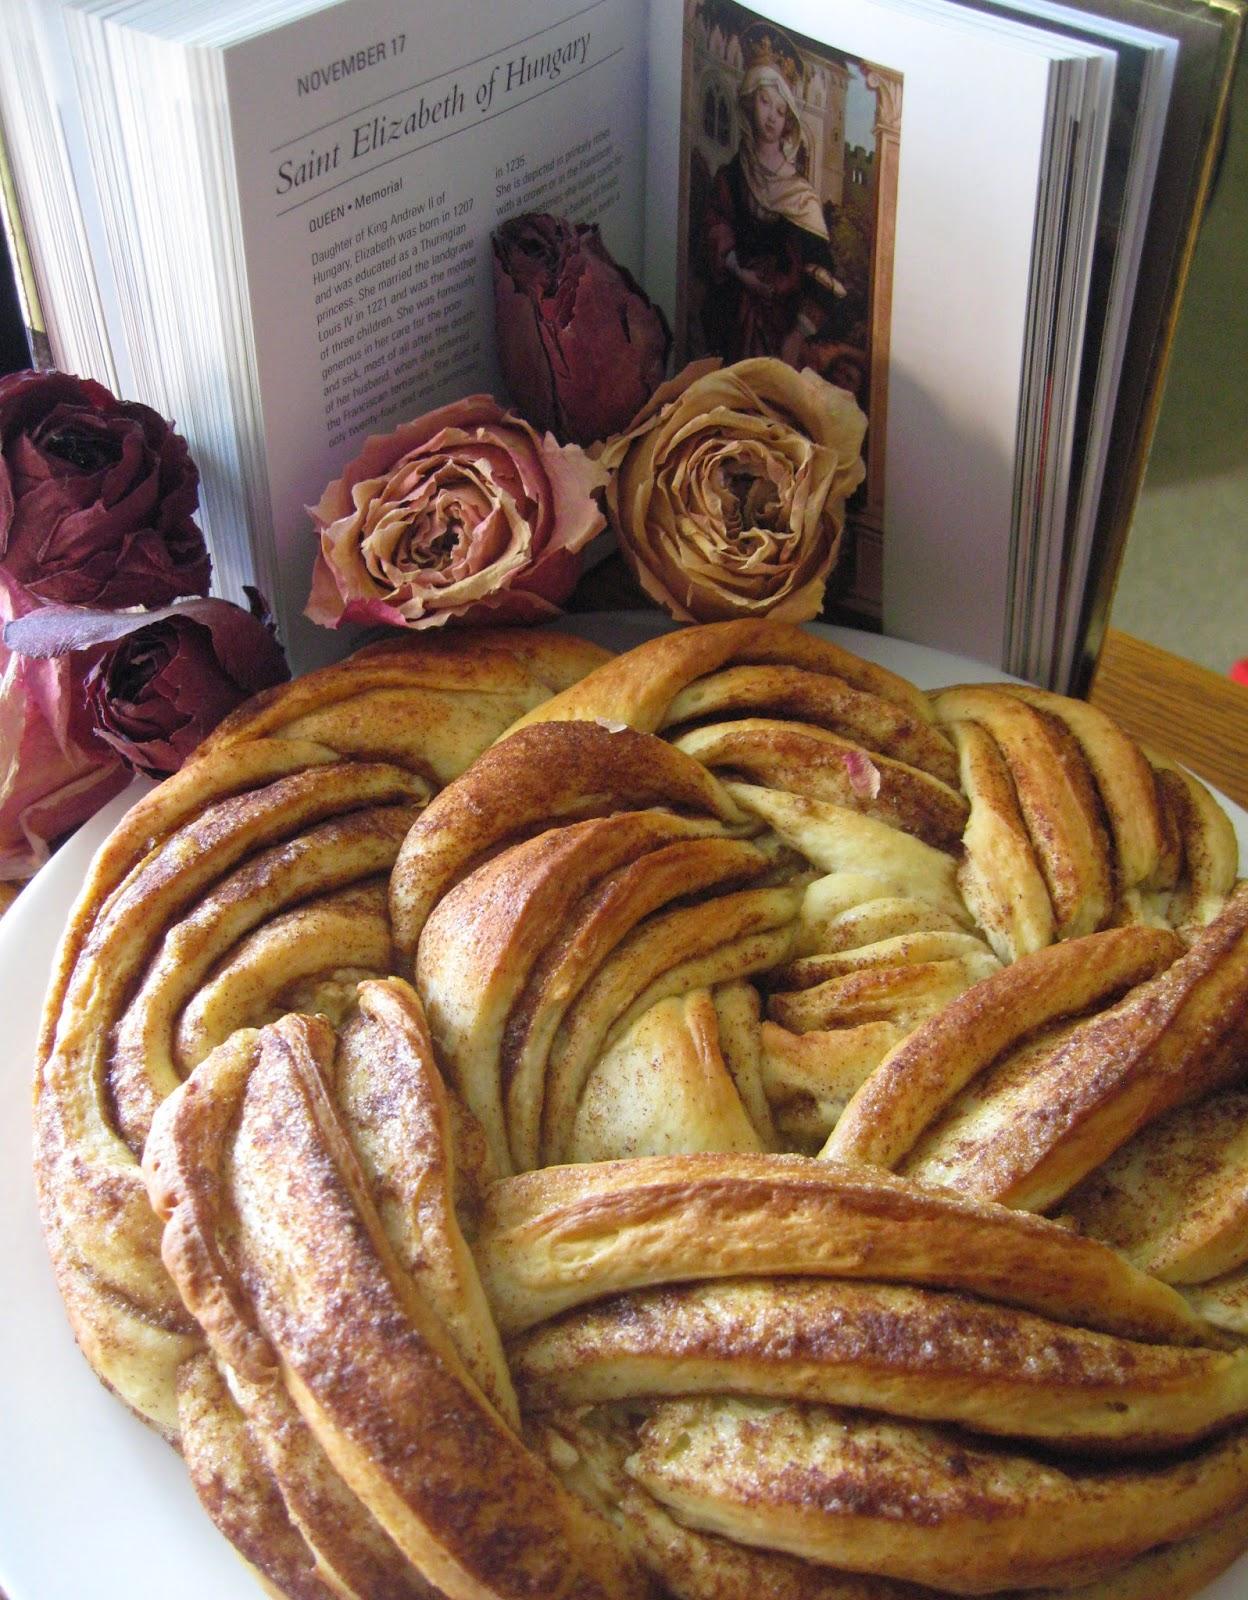 catholic cuisine rose bread for st elizabeth of hungary. Black Bedroom Furniture Sets. Home Design Ideas